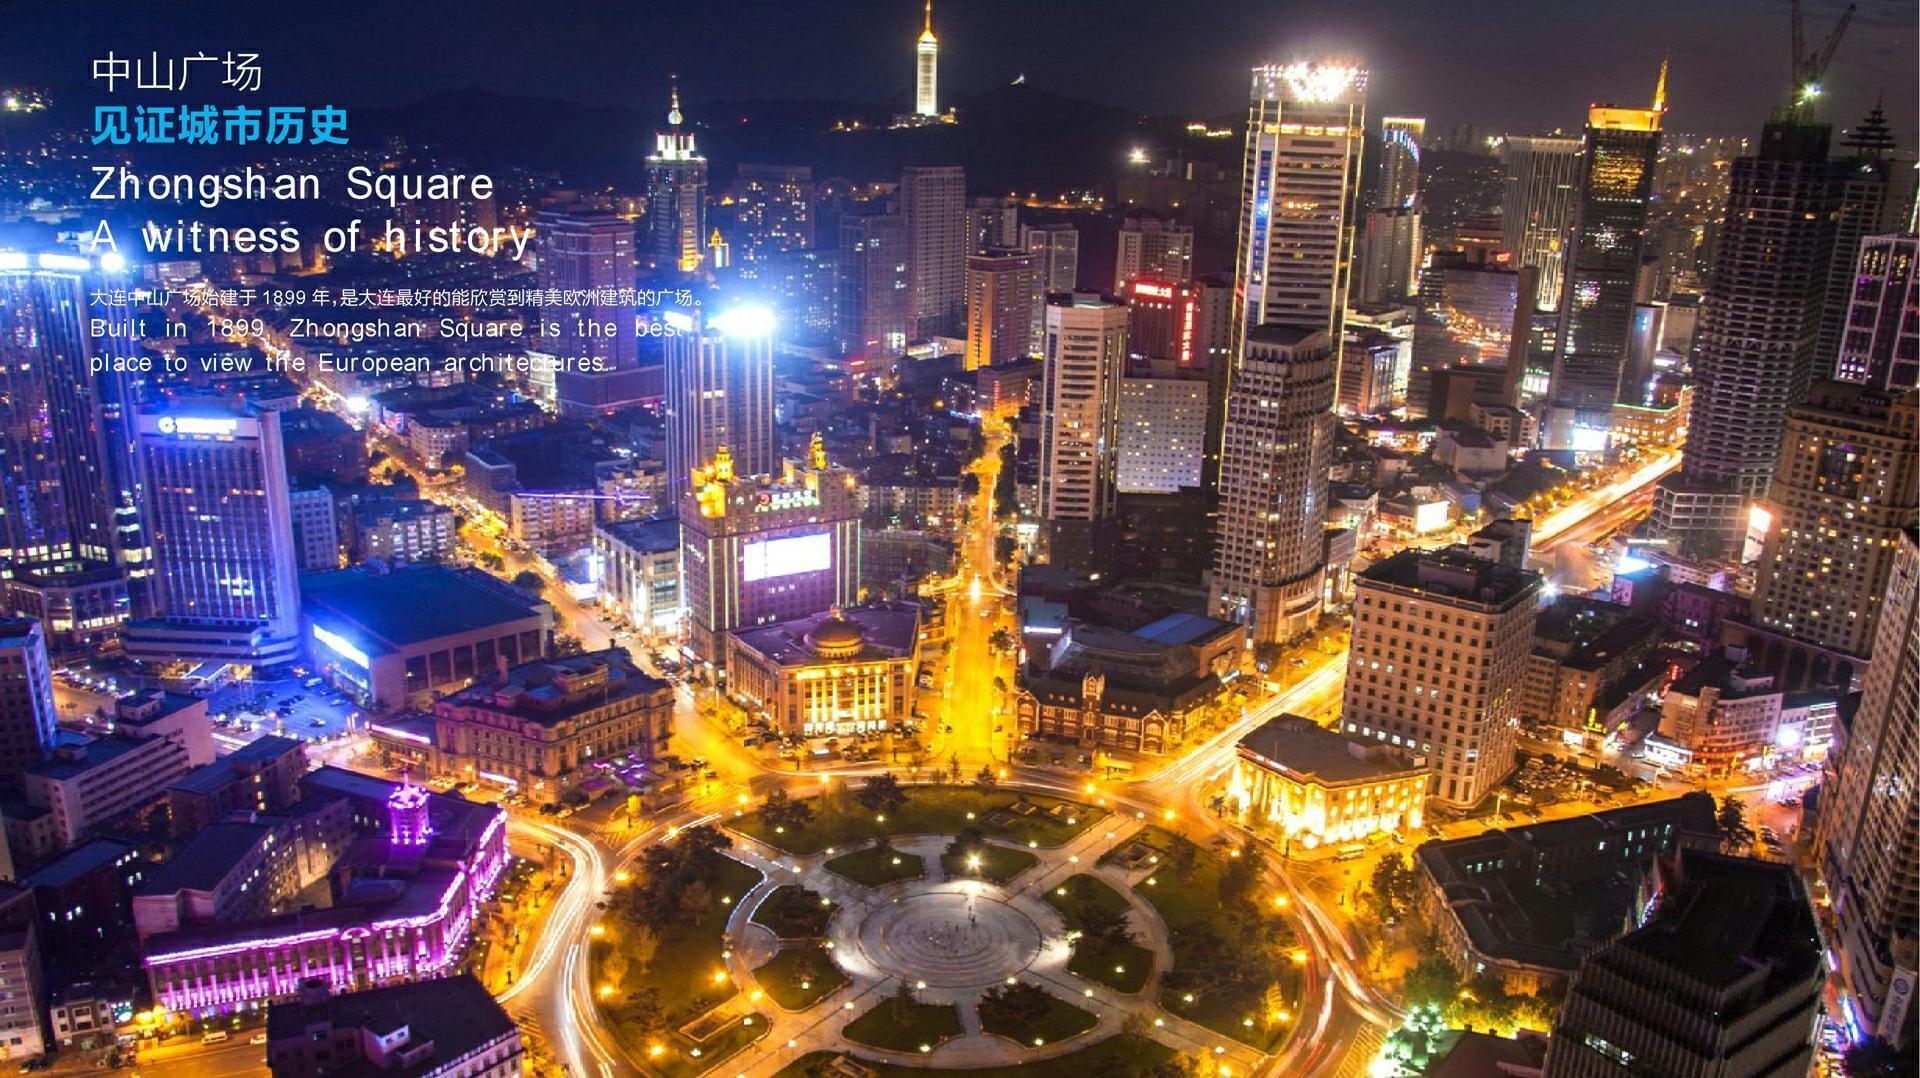 中山广场,见证城市历史。